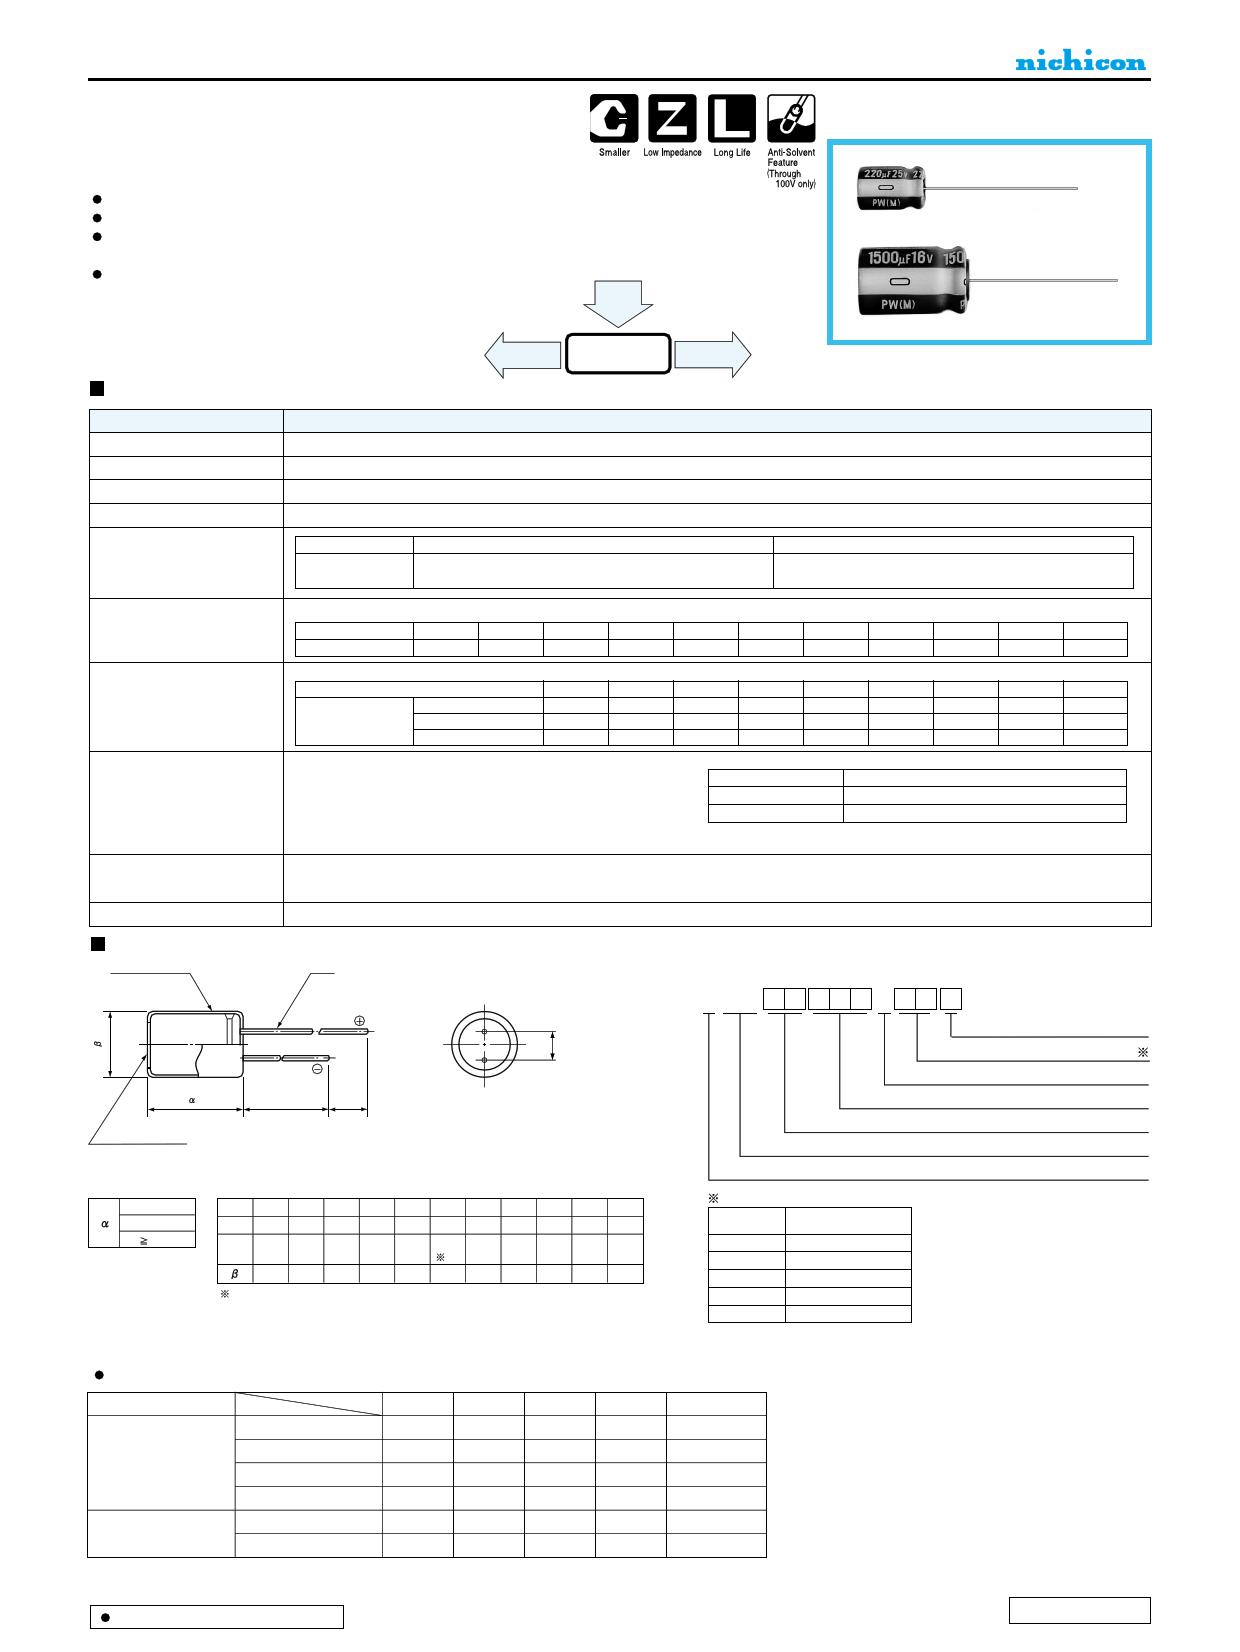 UPW1V221MPD6 데이터시트 및 UPW1V221MPD6 PDF